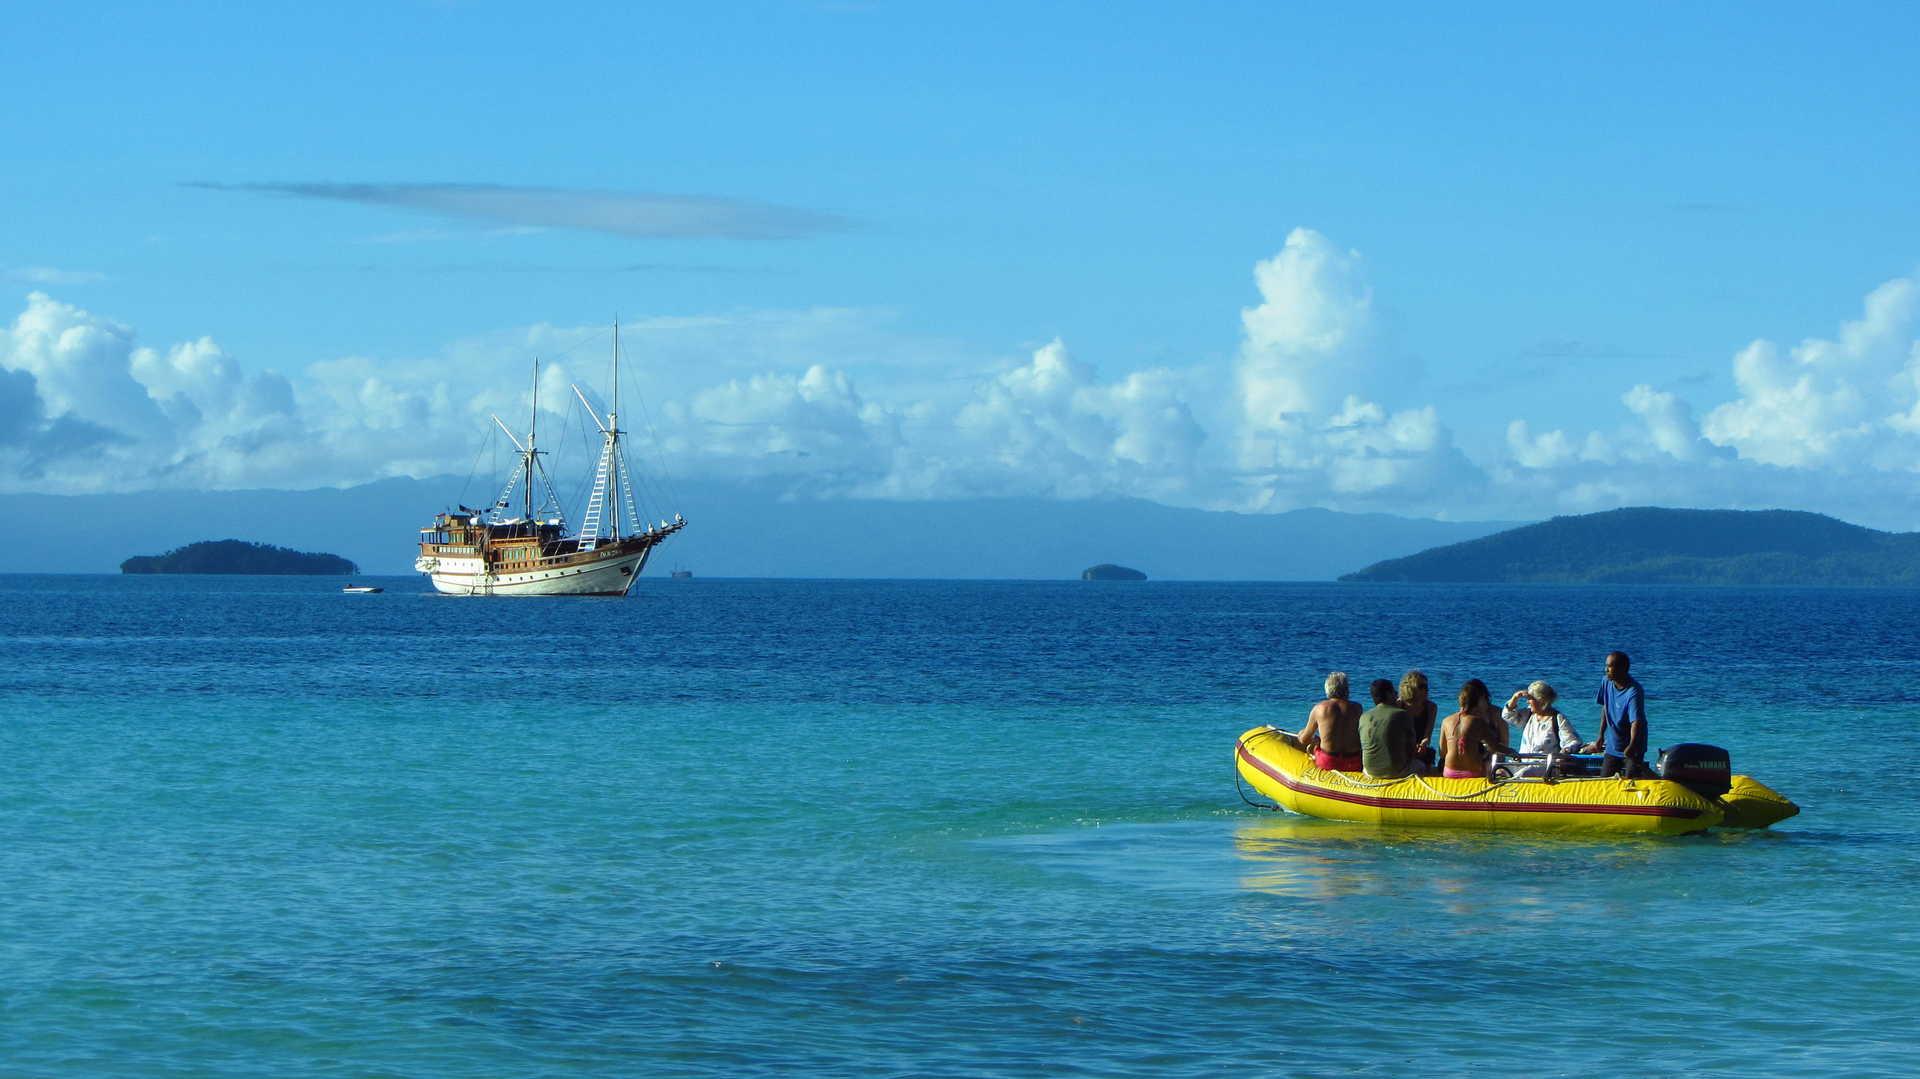 Retour au bateau principal, les plongeurs profitent du paysage indonésiens